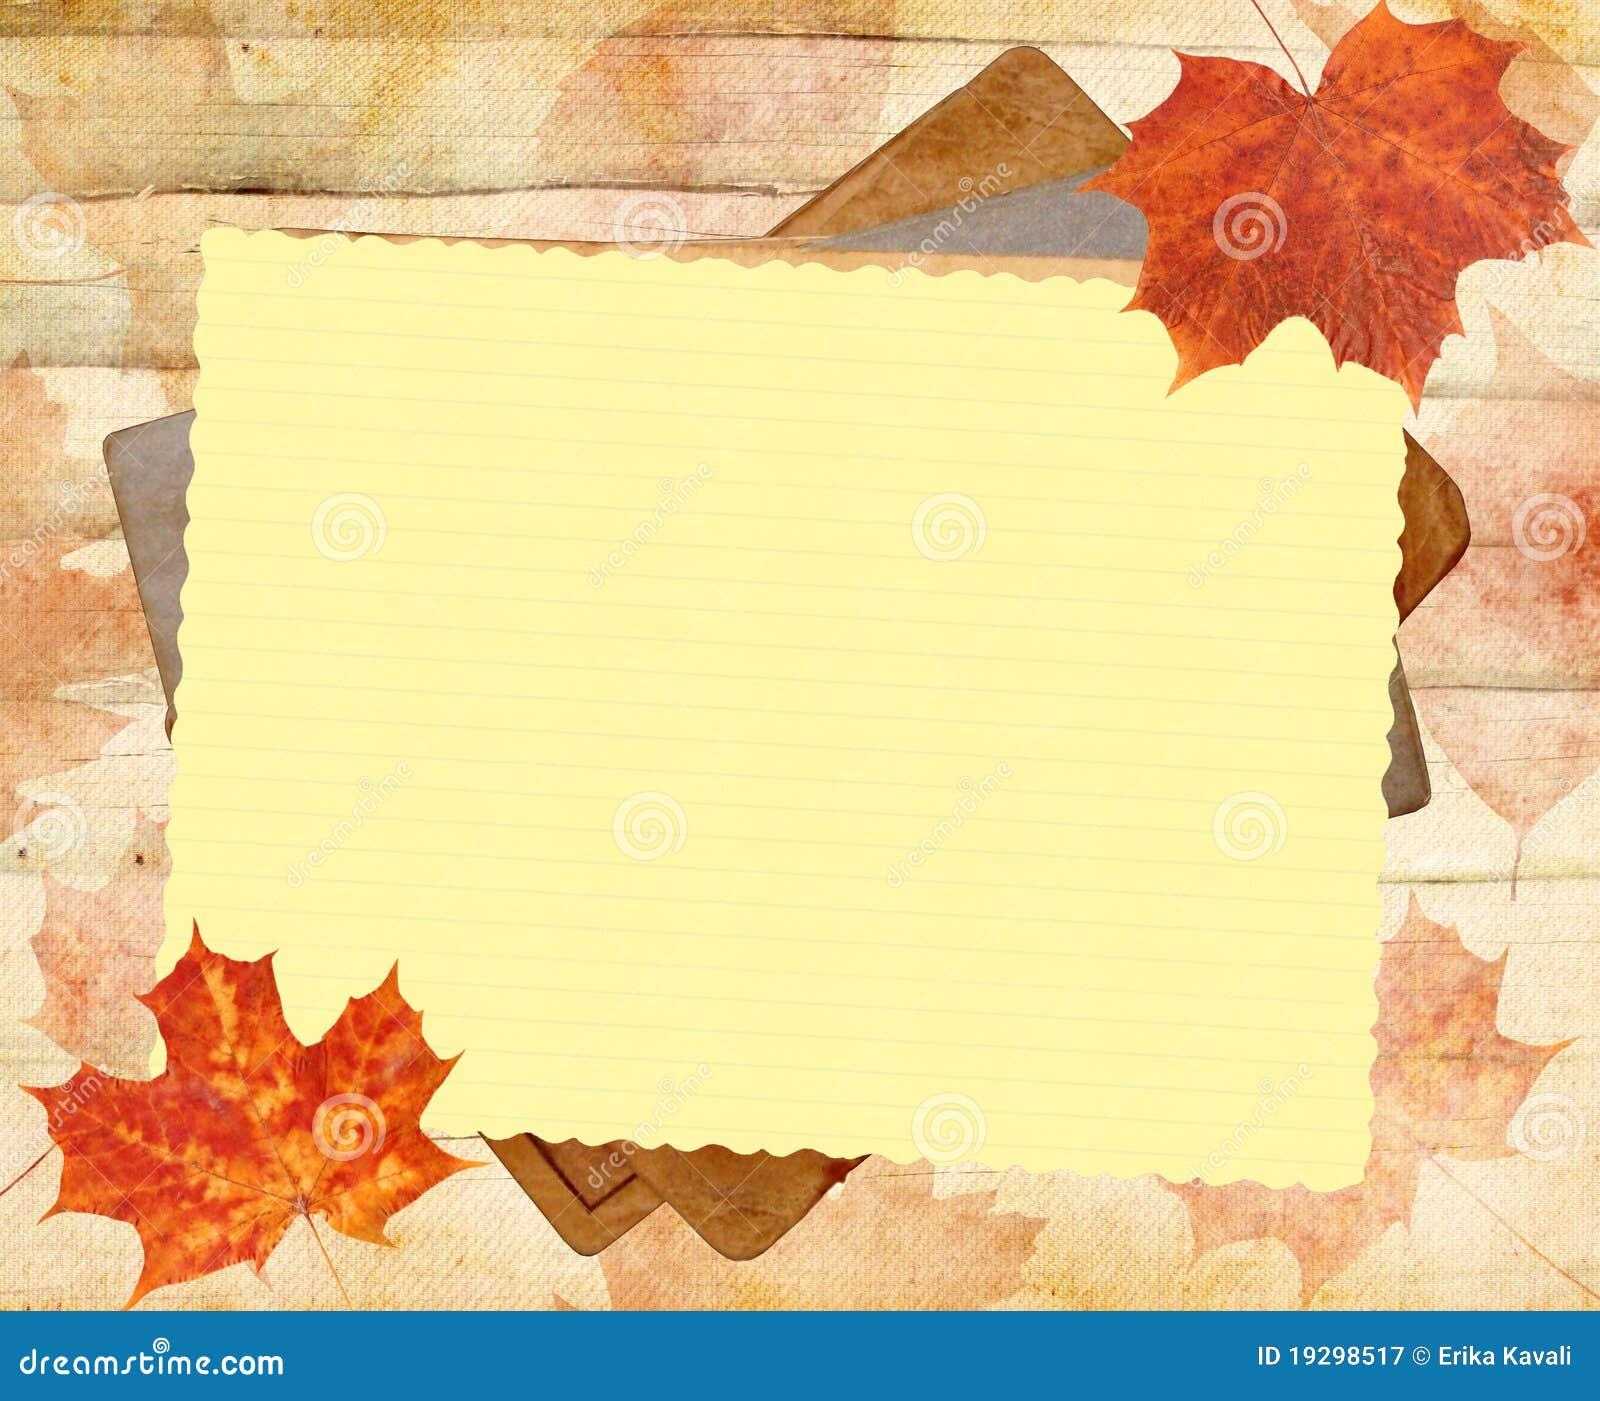 ppt 背景 背景图片 边框 模板 设计 相框 1300_1156图片